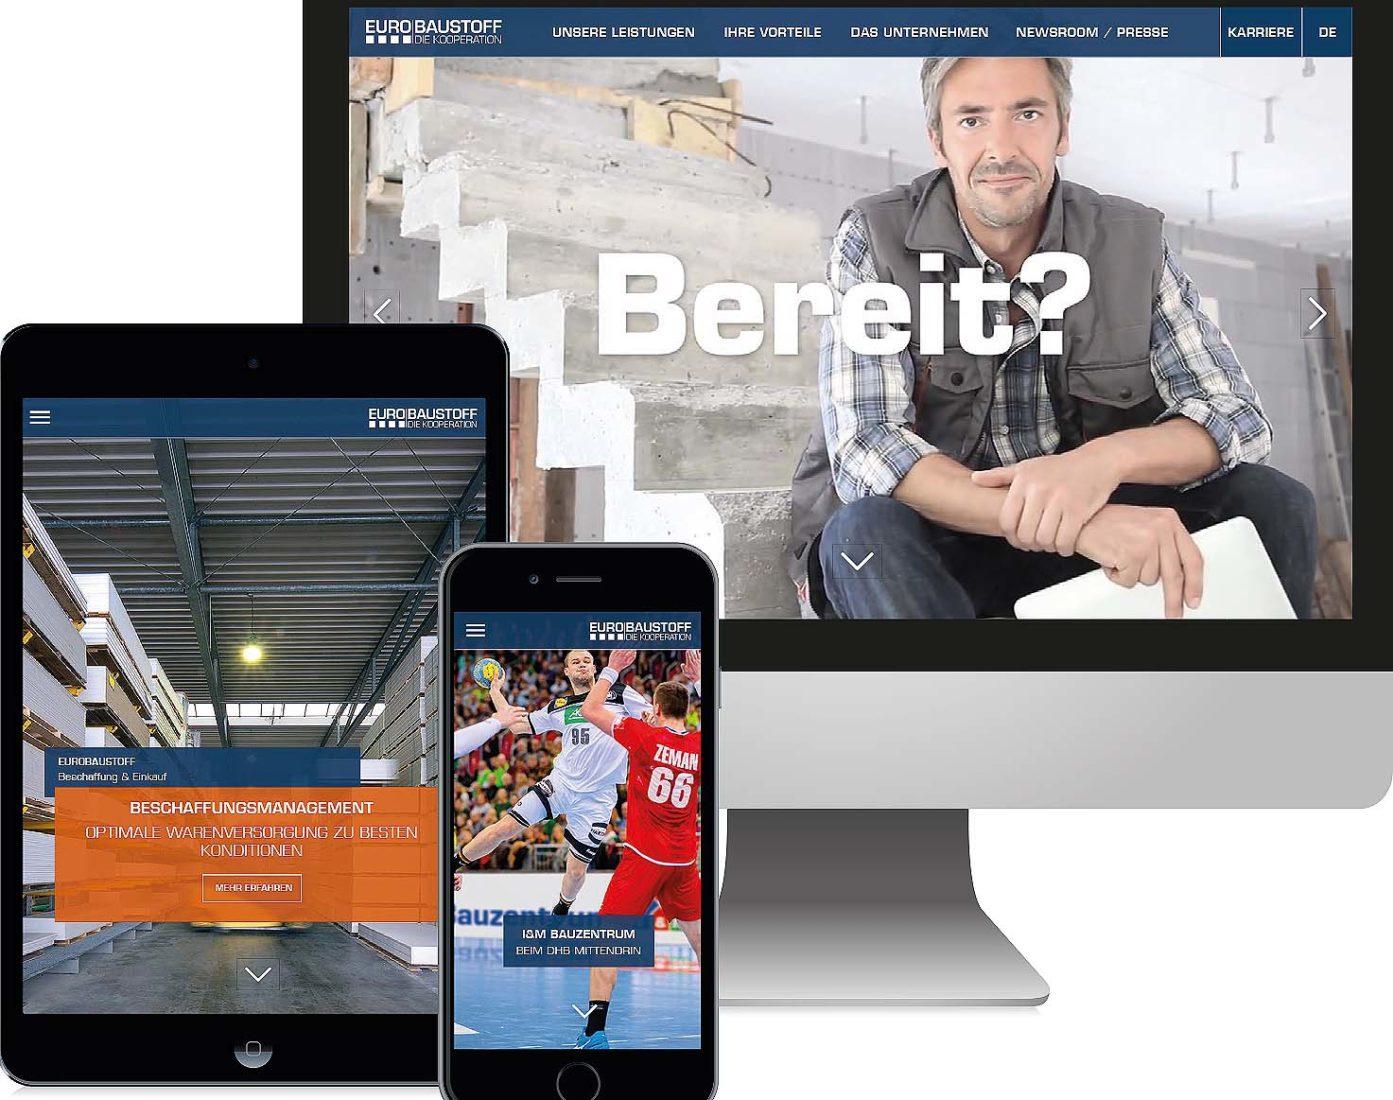 Die neue Website setzt auf emotionales Webdesign.